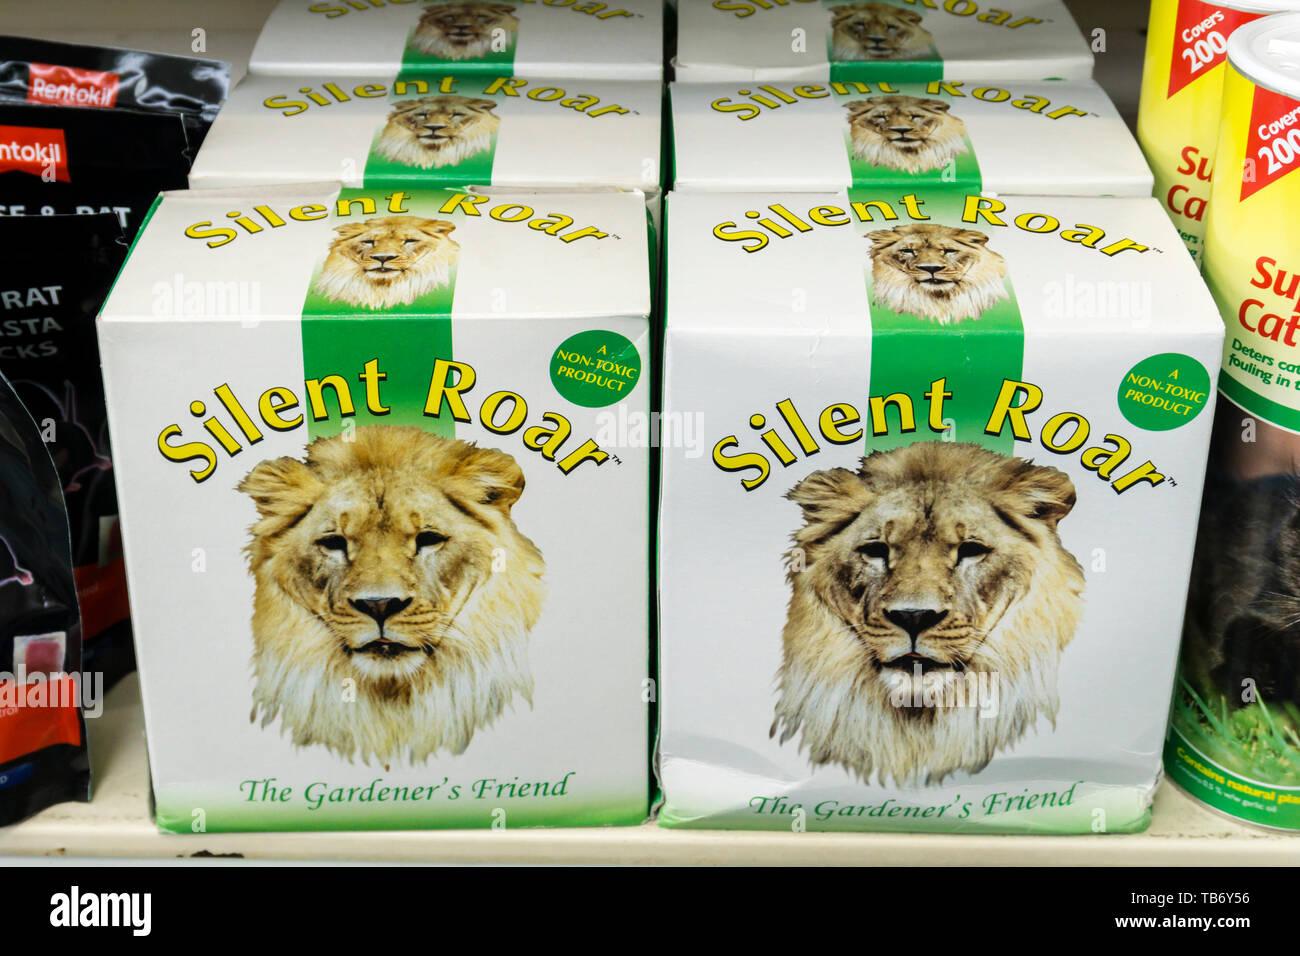 Silent ruggito è una base di azoto fertilizzante che è stato imbevuto di sterco di Lion per dissuadere i gatti domestici. Immagini Stock